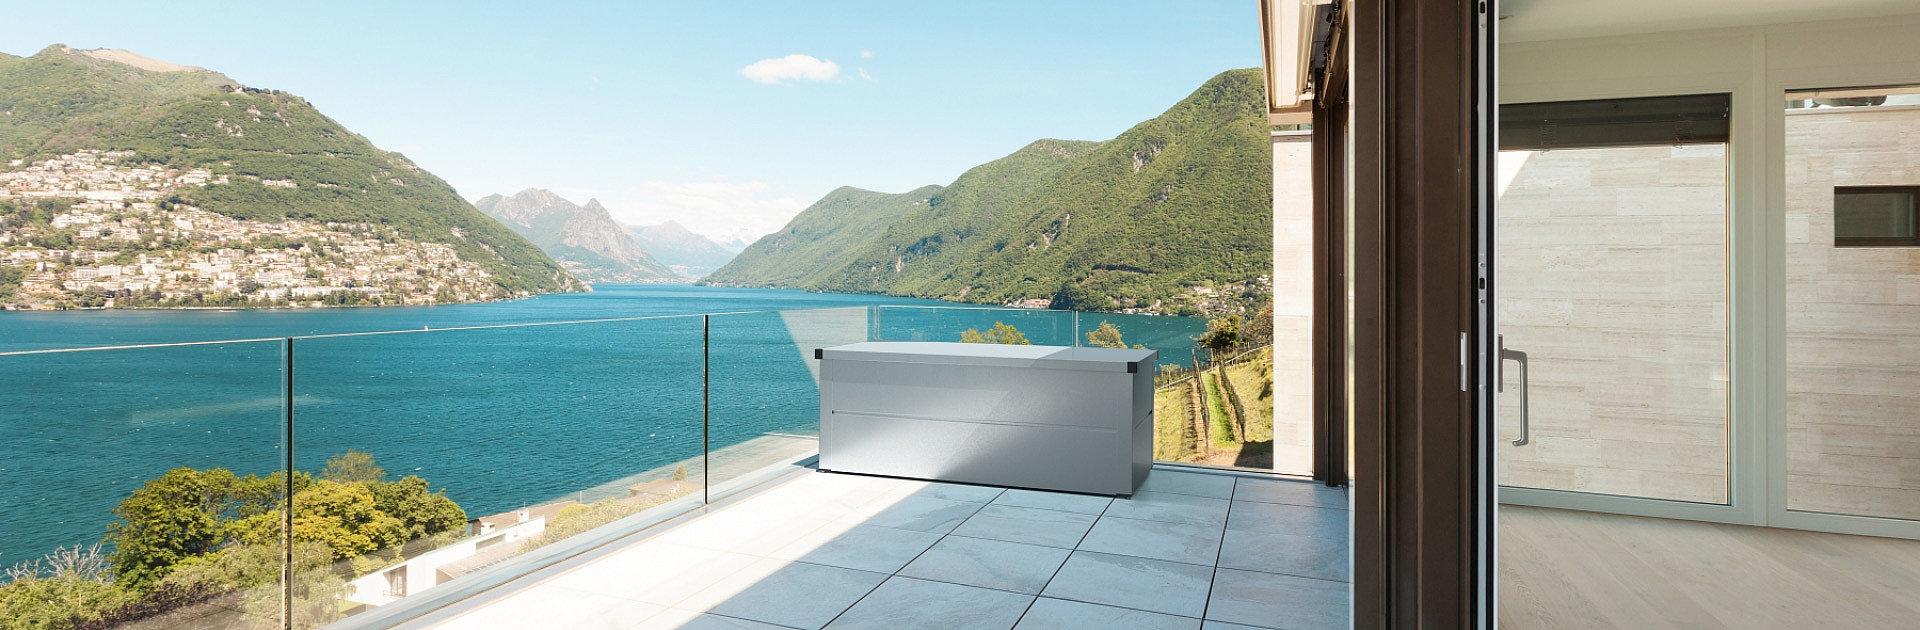 Auflagenbox in silber auf modernem Balkon aus Glas